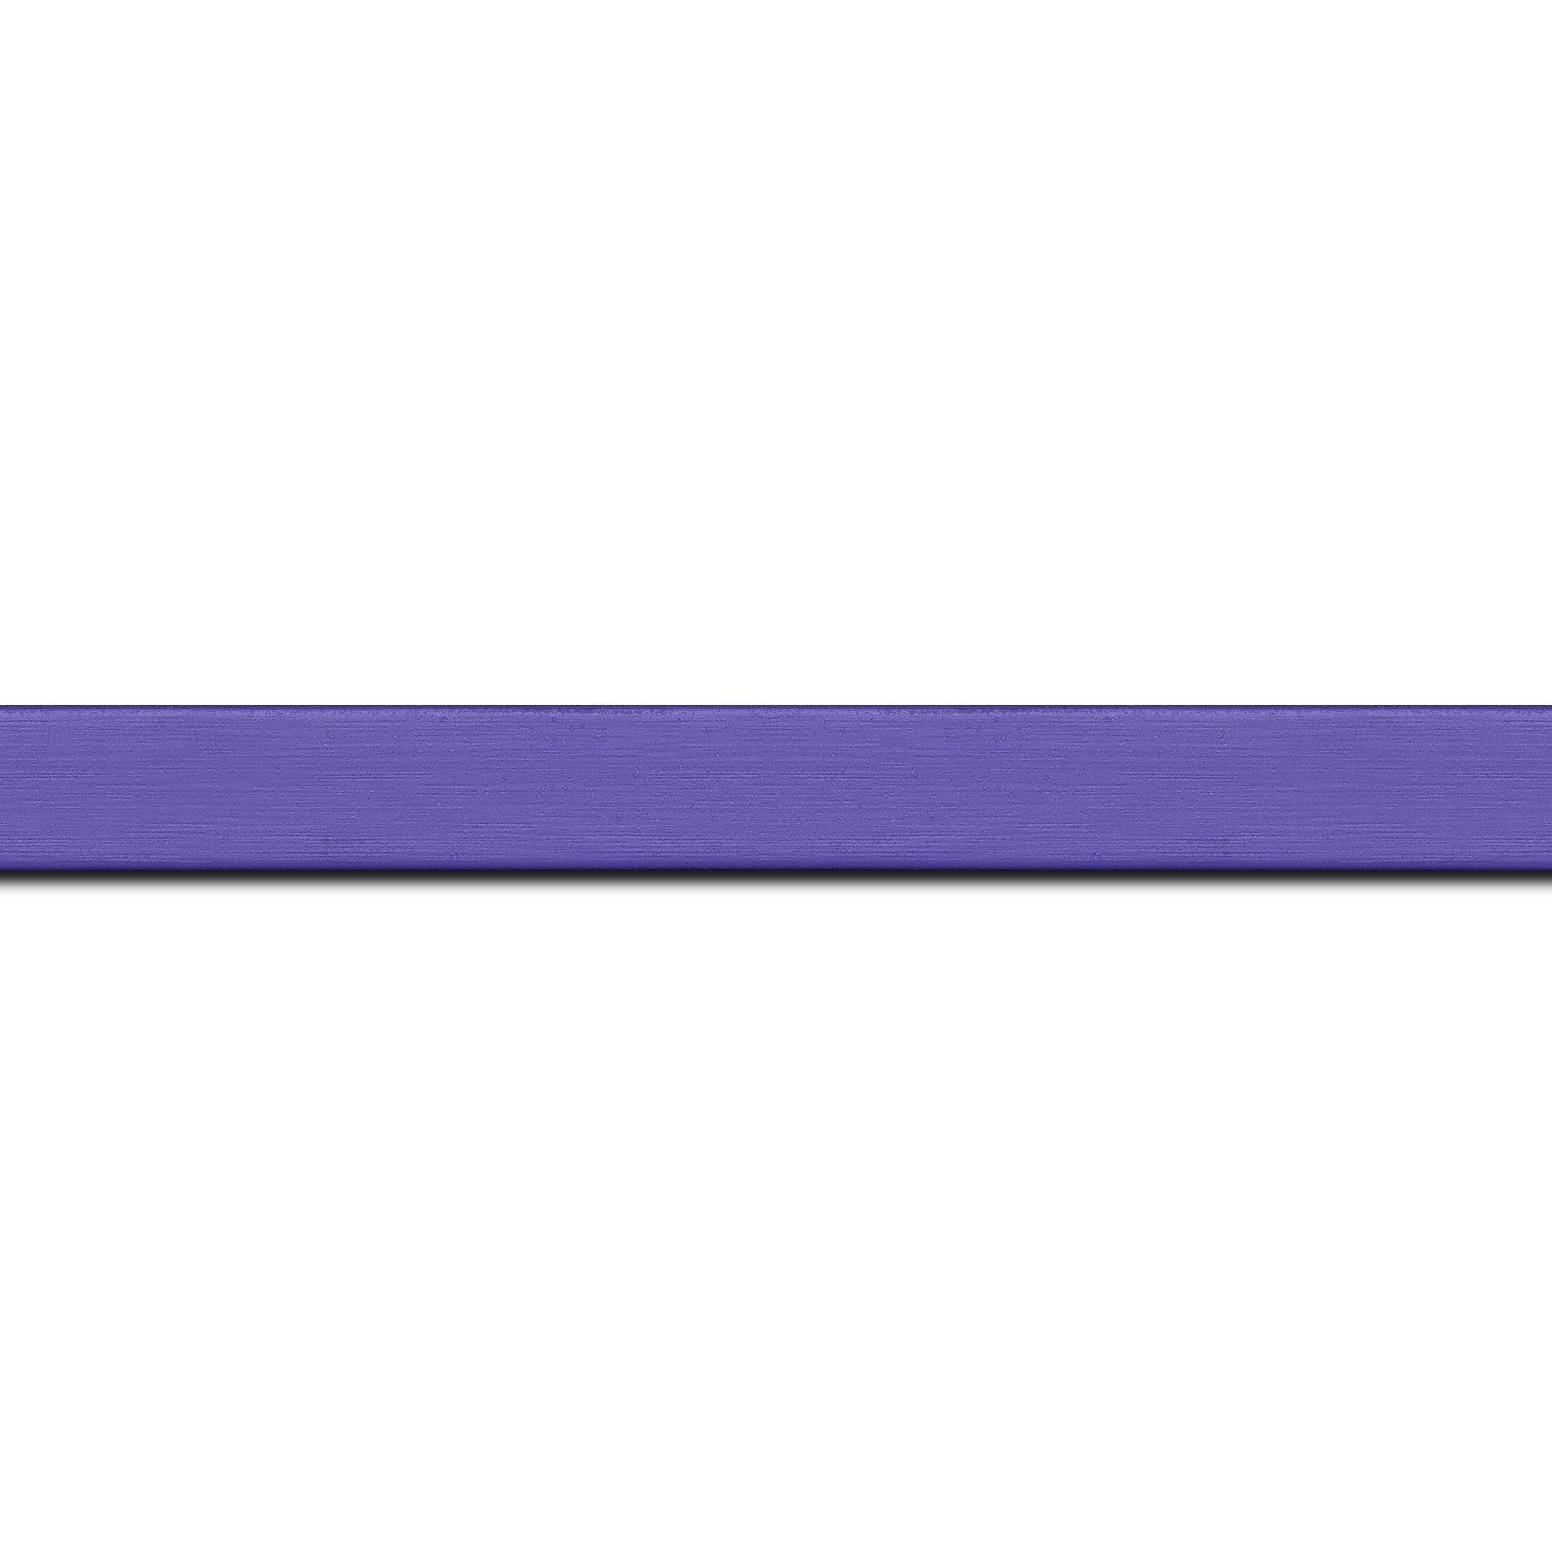 Pack par 12m, bois profil plat effet cube largeur 1.7cm couleur bleu violet satiné (longueur baguette pouvant varier entre 2.40m et 3m selon arrivage des bois)